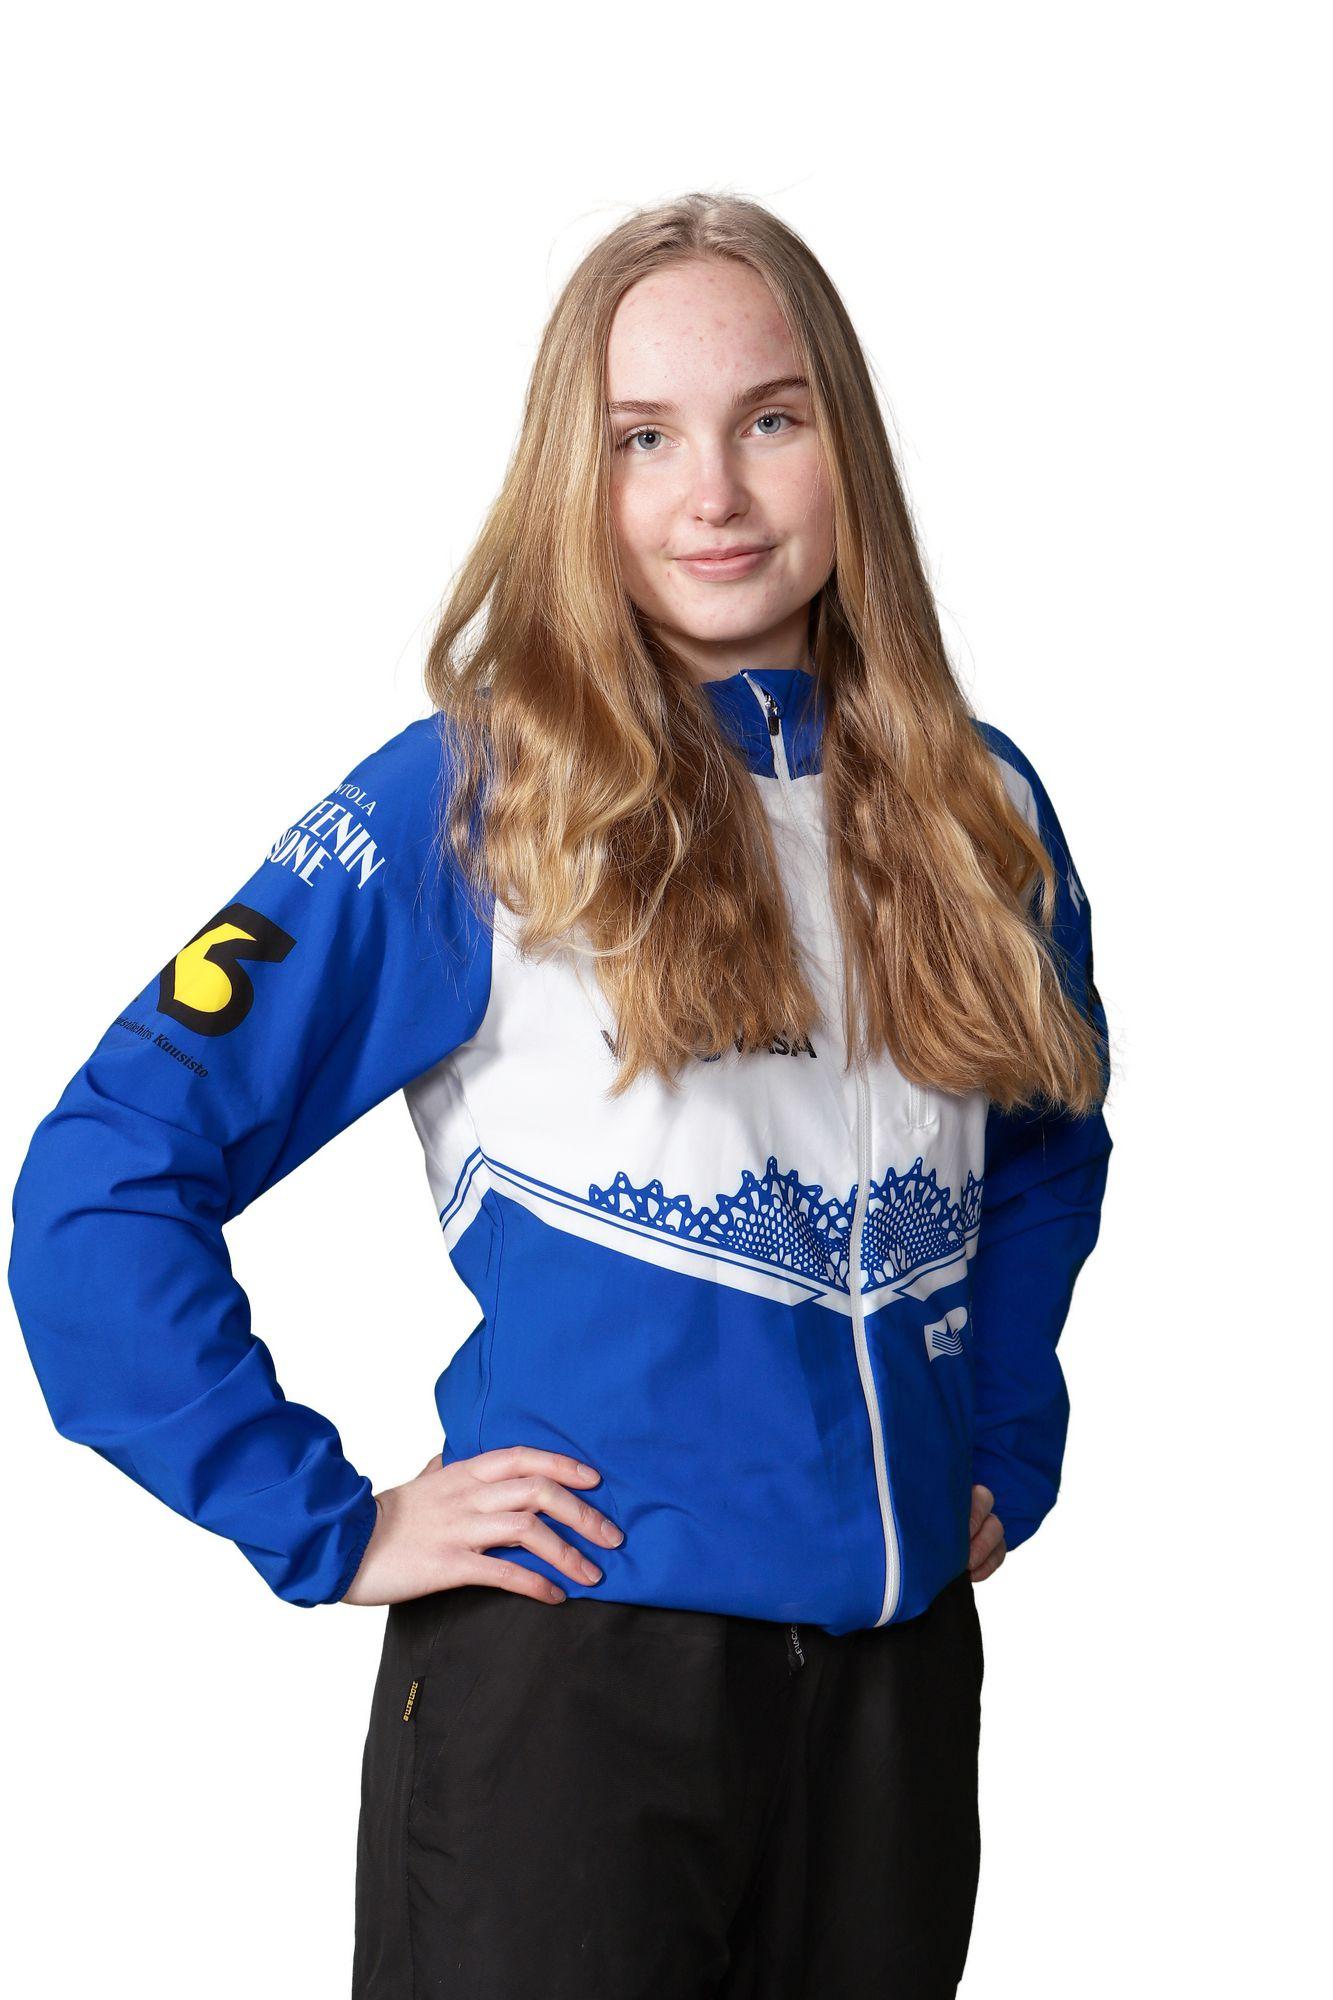 Mikaela Mattila